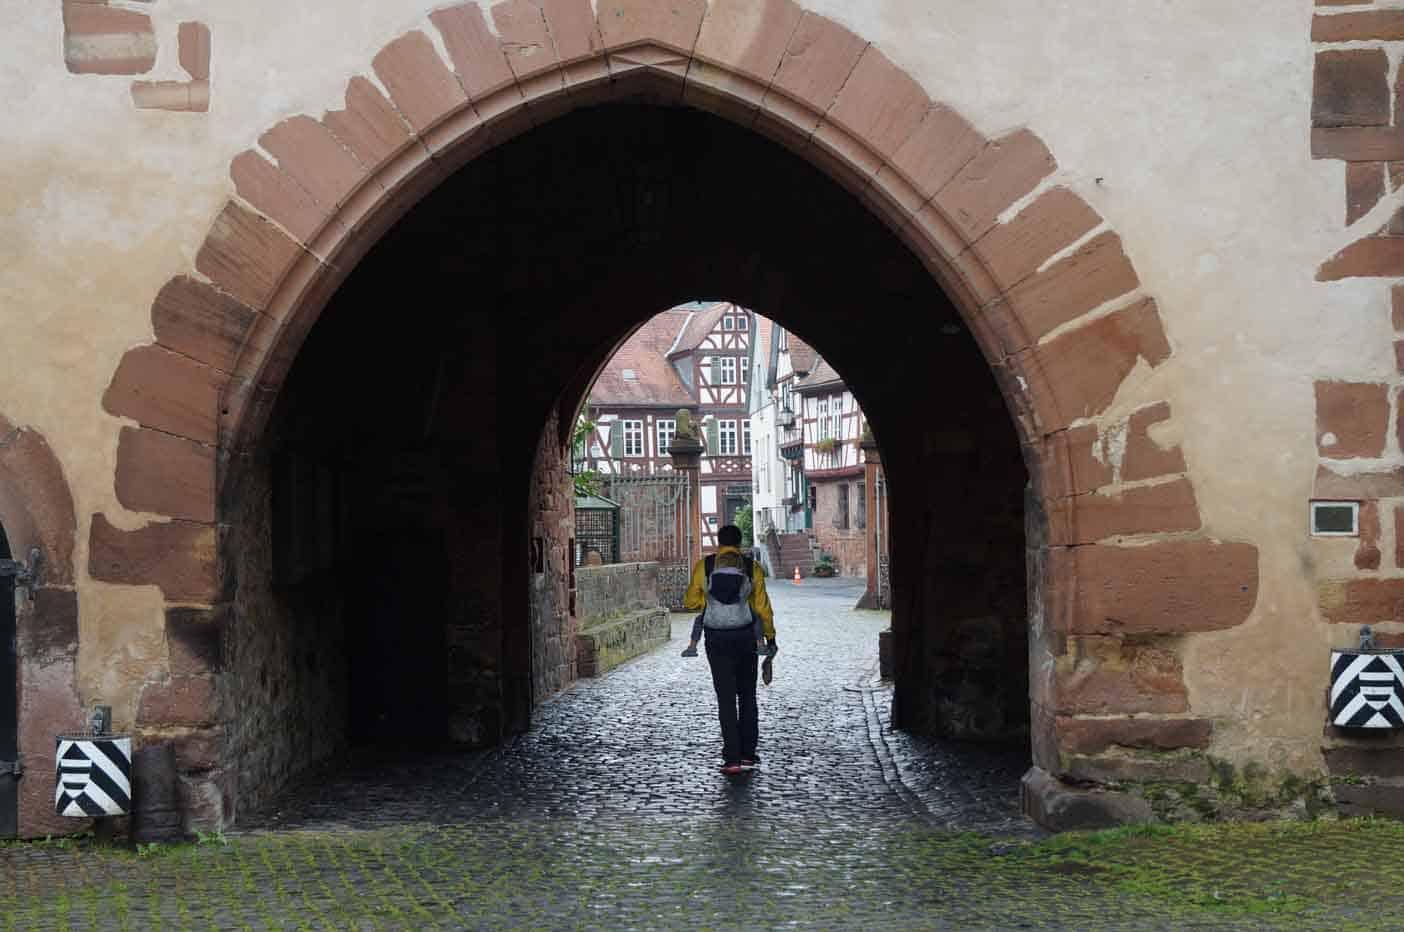 Büdingen Duitsland stadswandeling